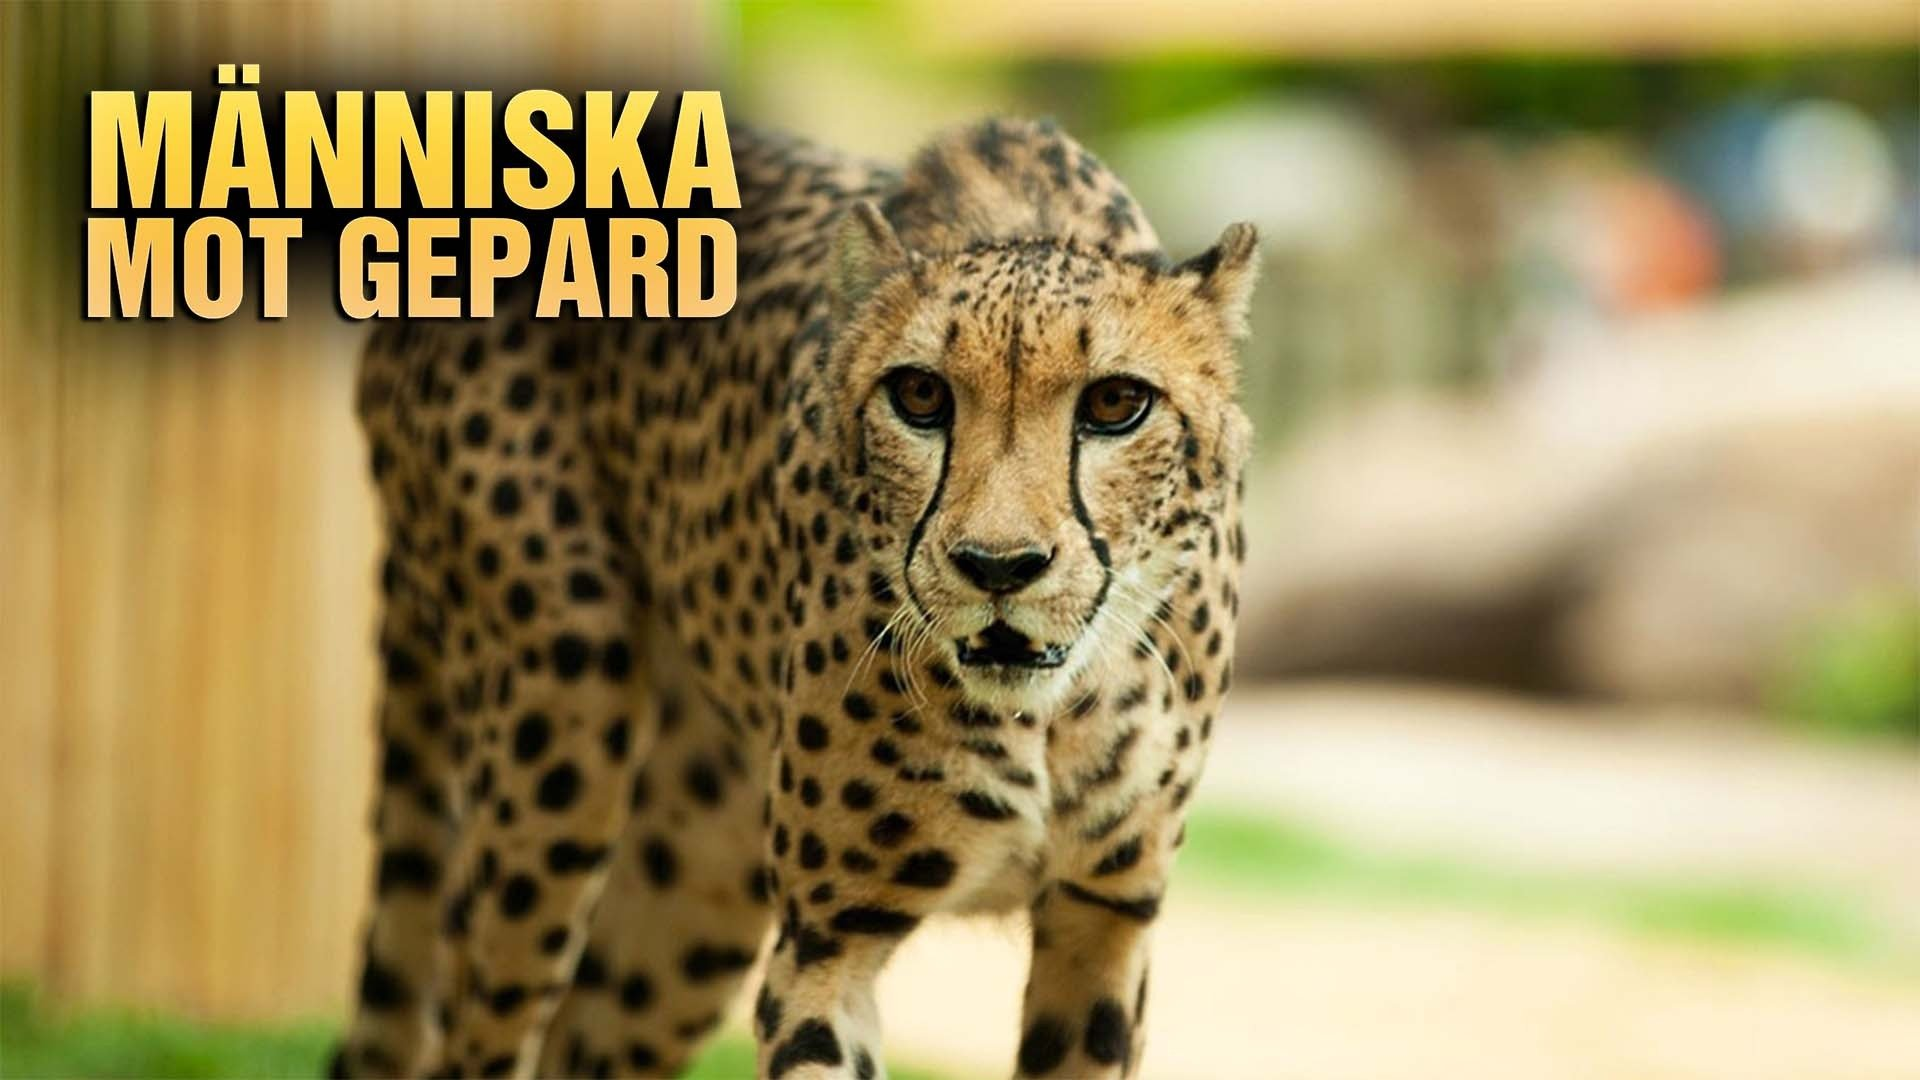 Människa mot gepard